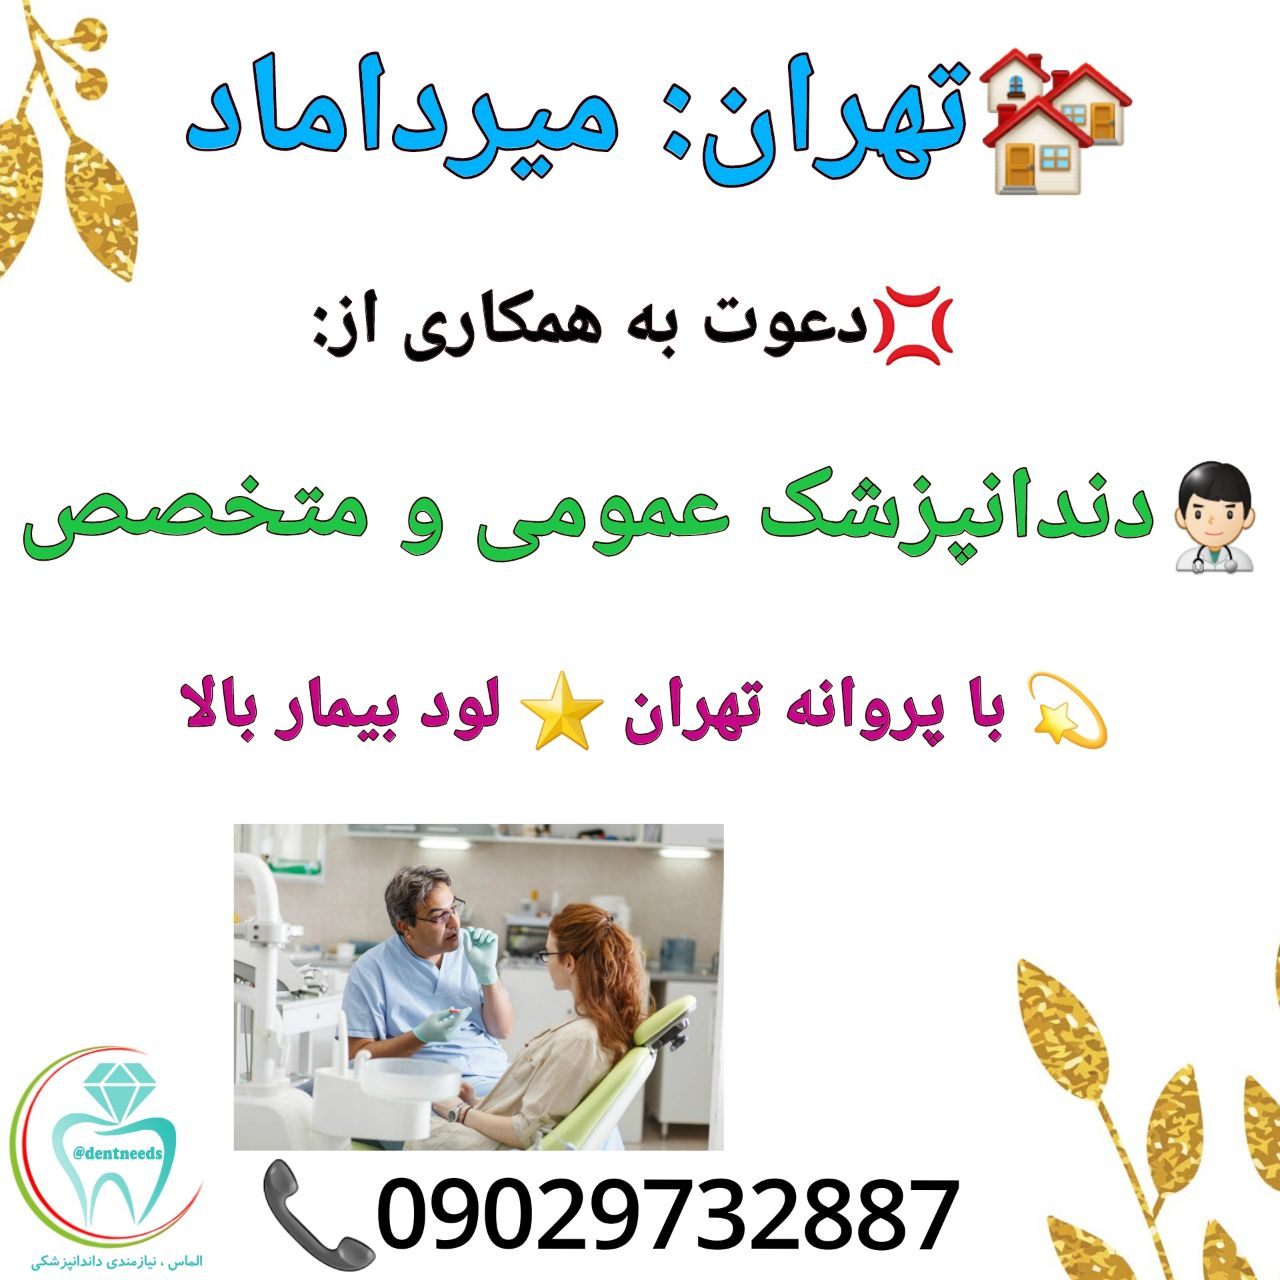 تهران: میرداماد، نیاز به دندانپزشک عمومی و متخصص